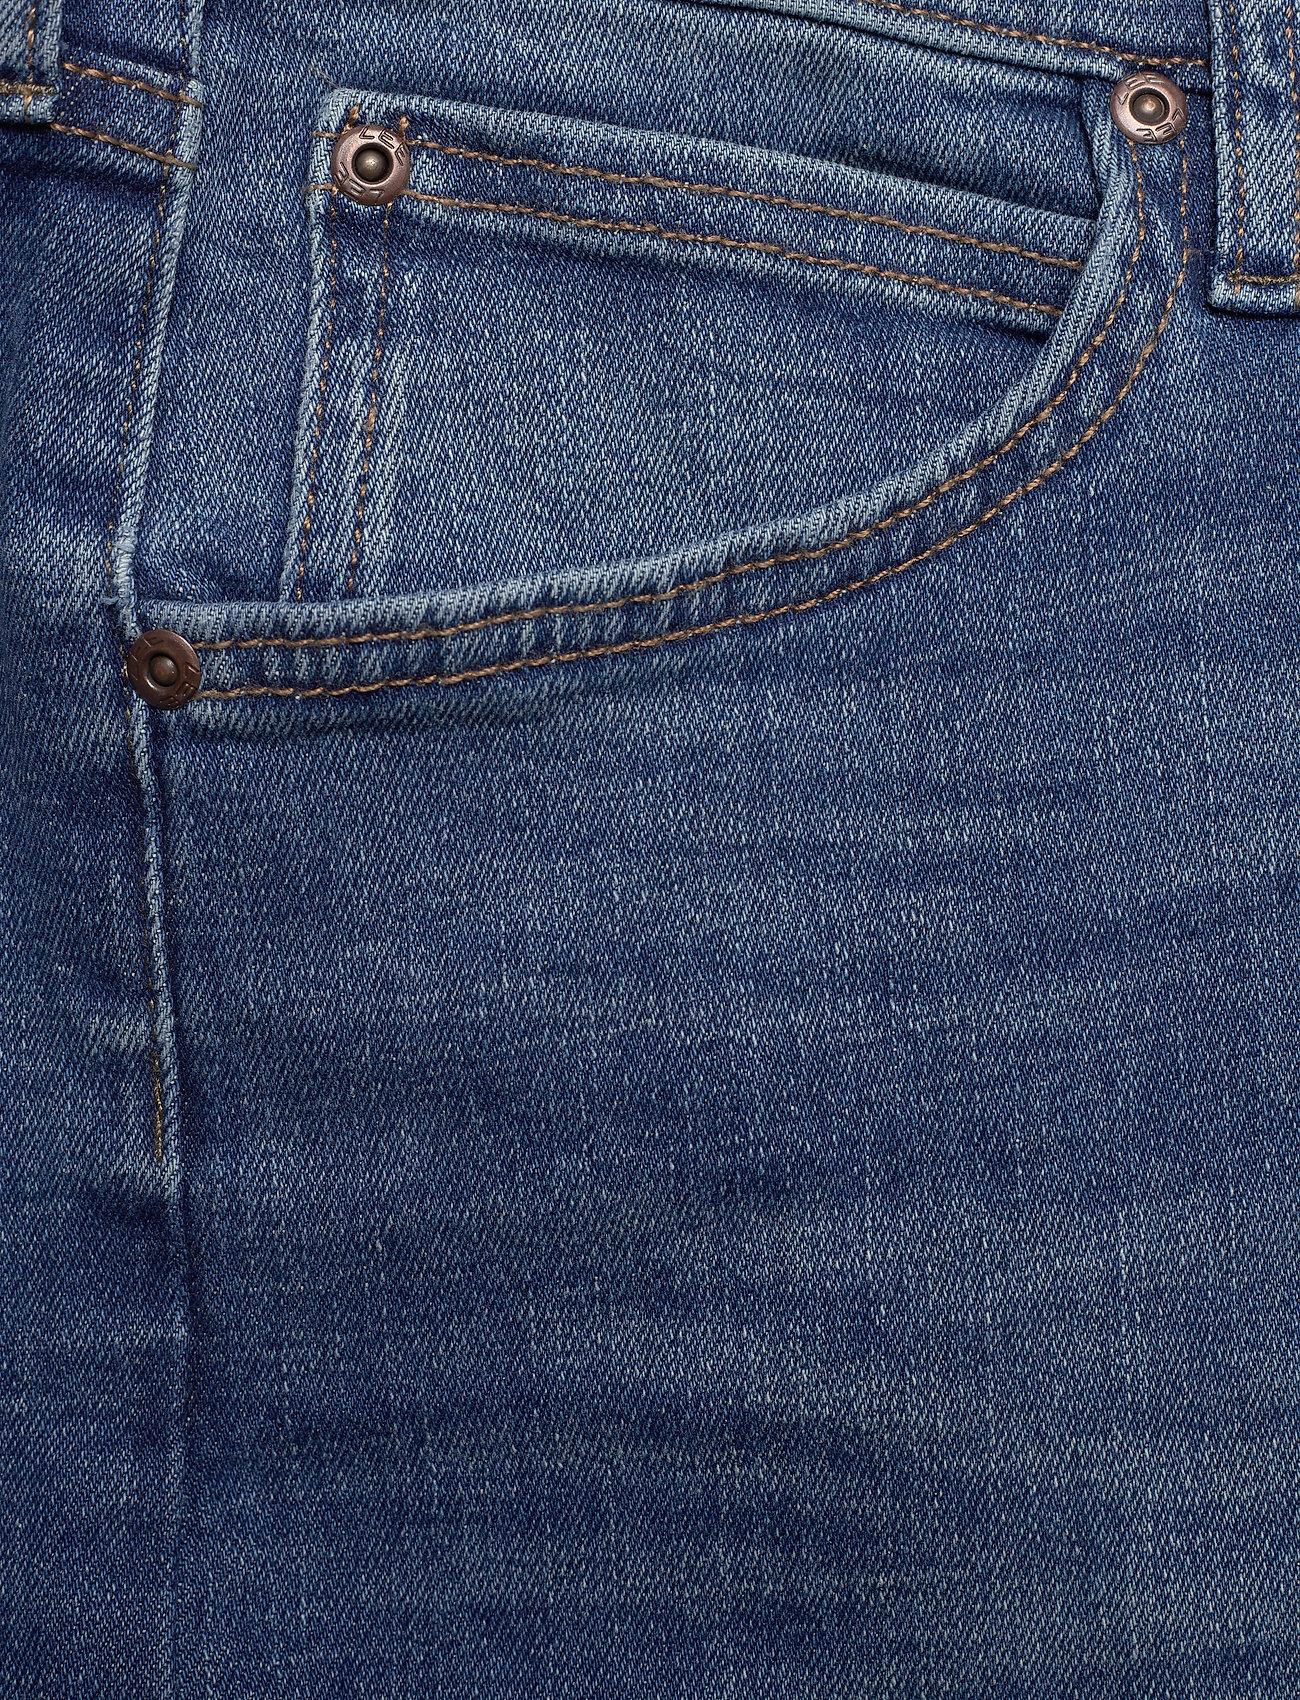 Lee Jeans Luke - Jeans FRESH - Menn Klær